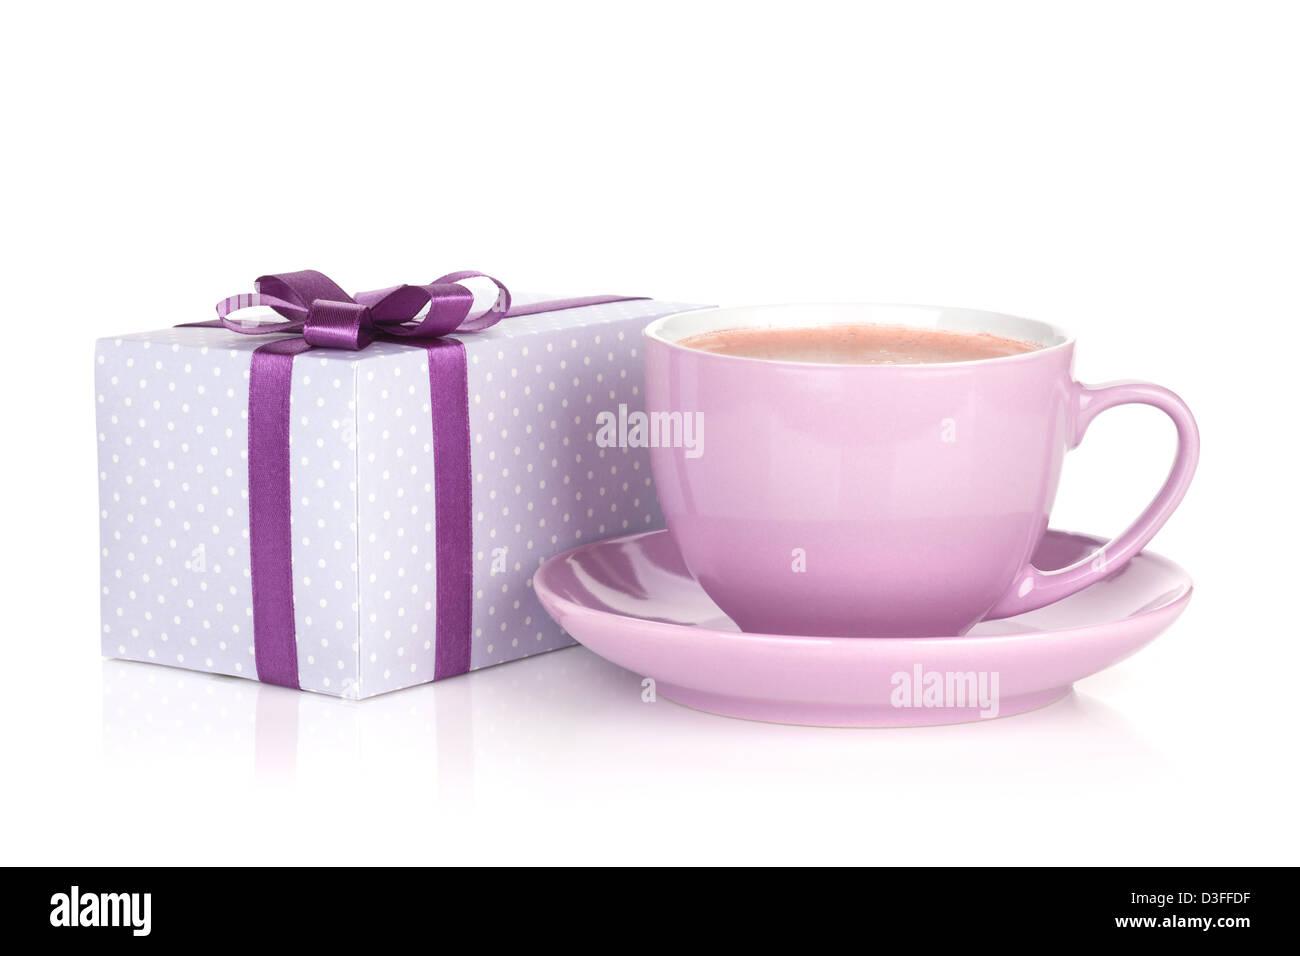 Viola tazza di caffè e confezione regalo con fiocco. Isolato su sfondo bianco Immagini Stock